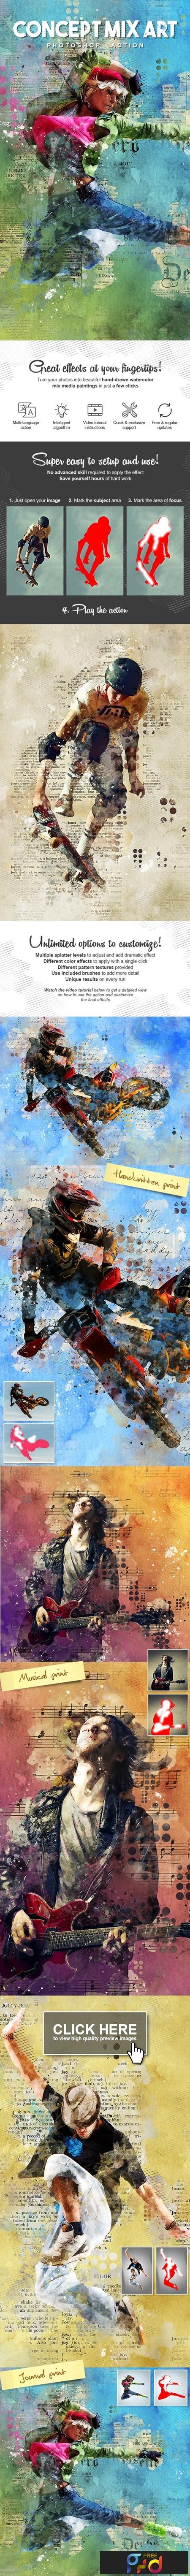 Concept Mix Art Photoshop Action 23490303 1